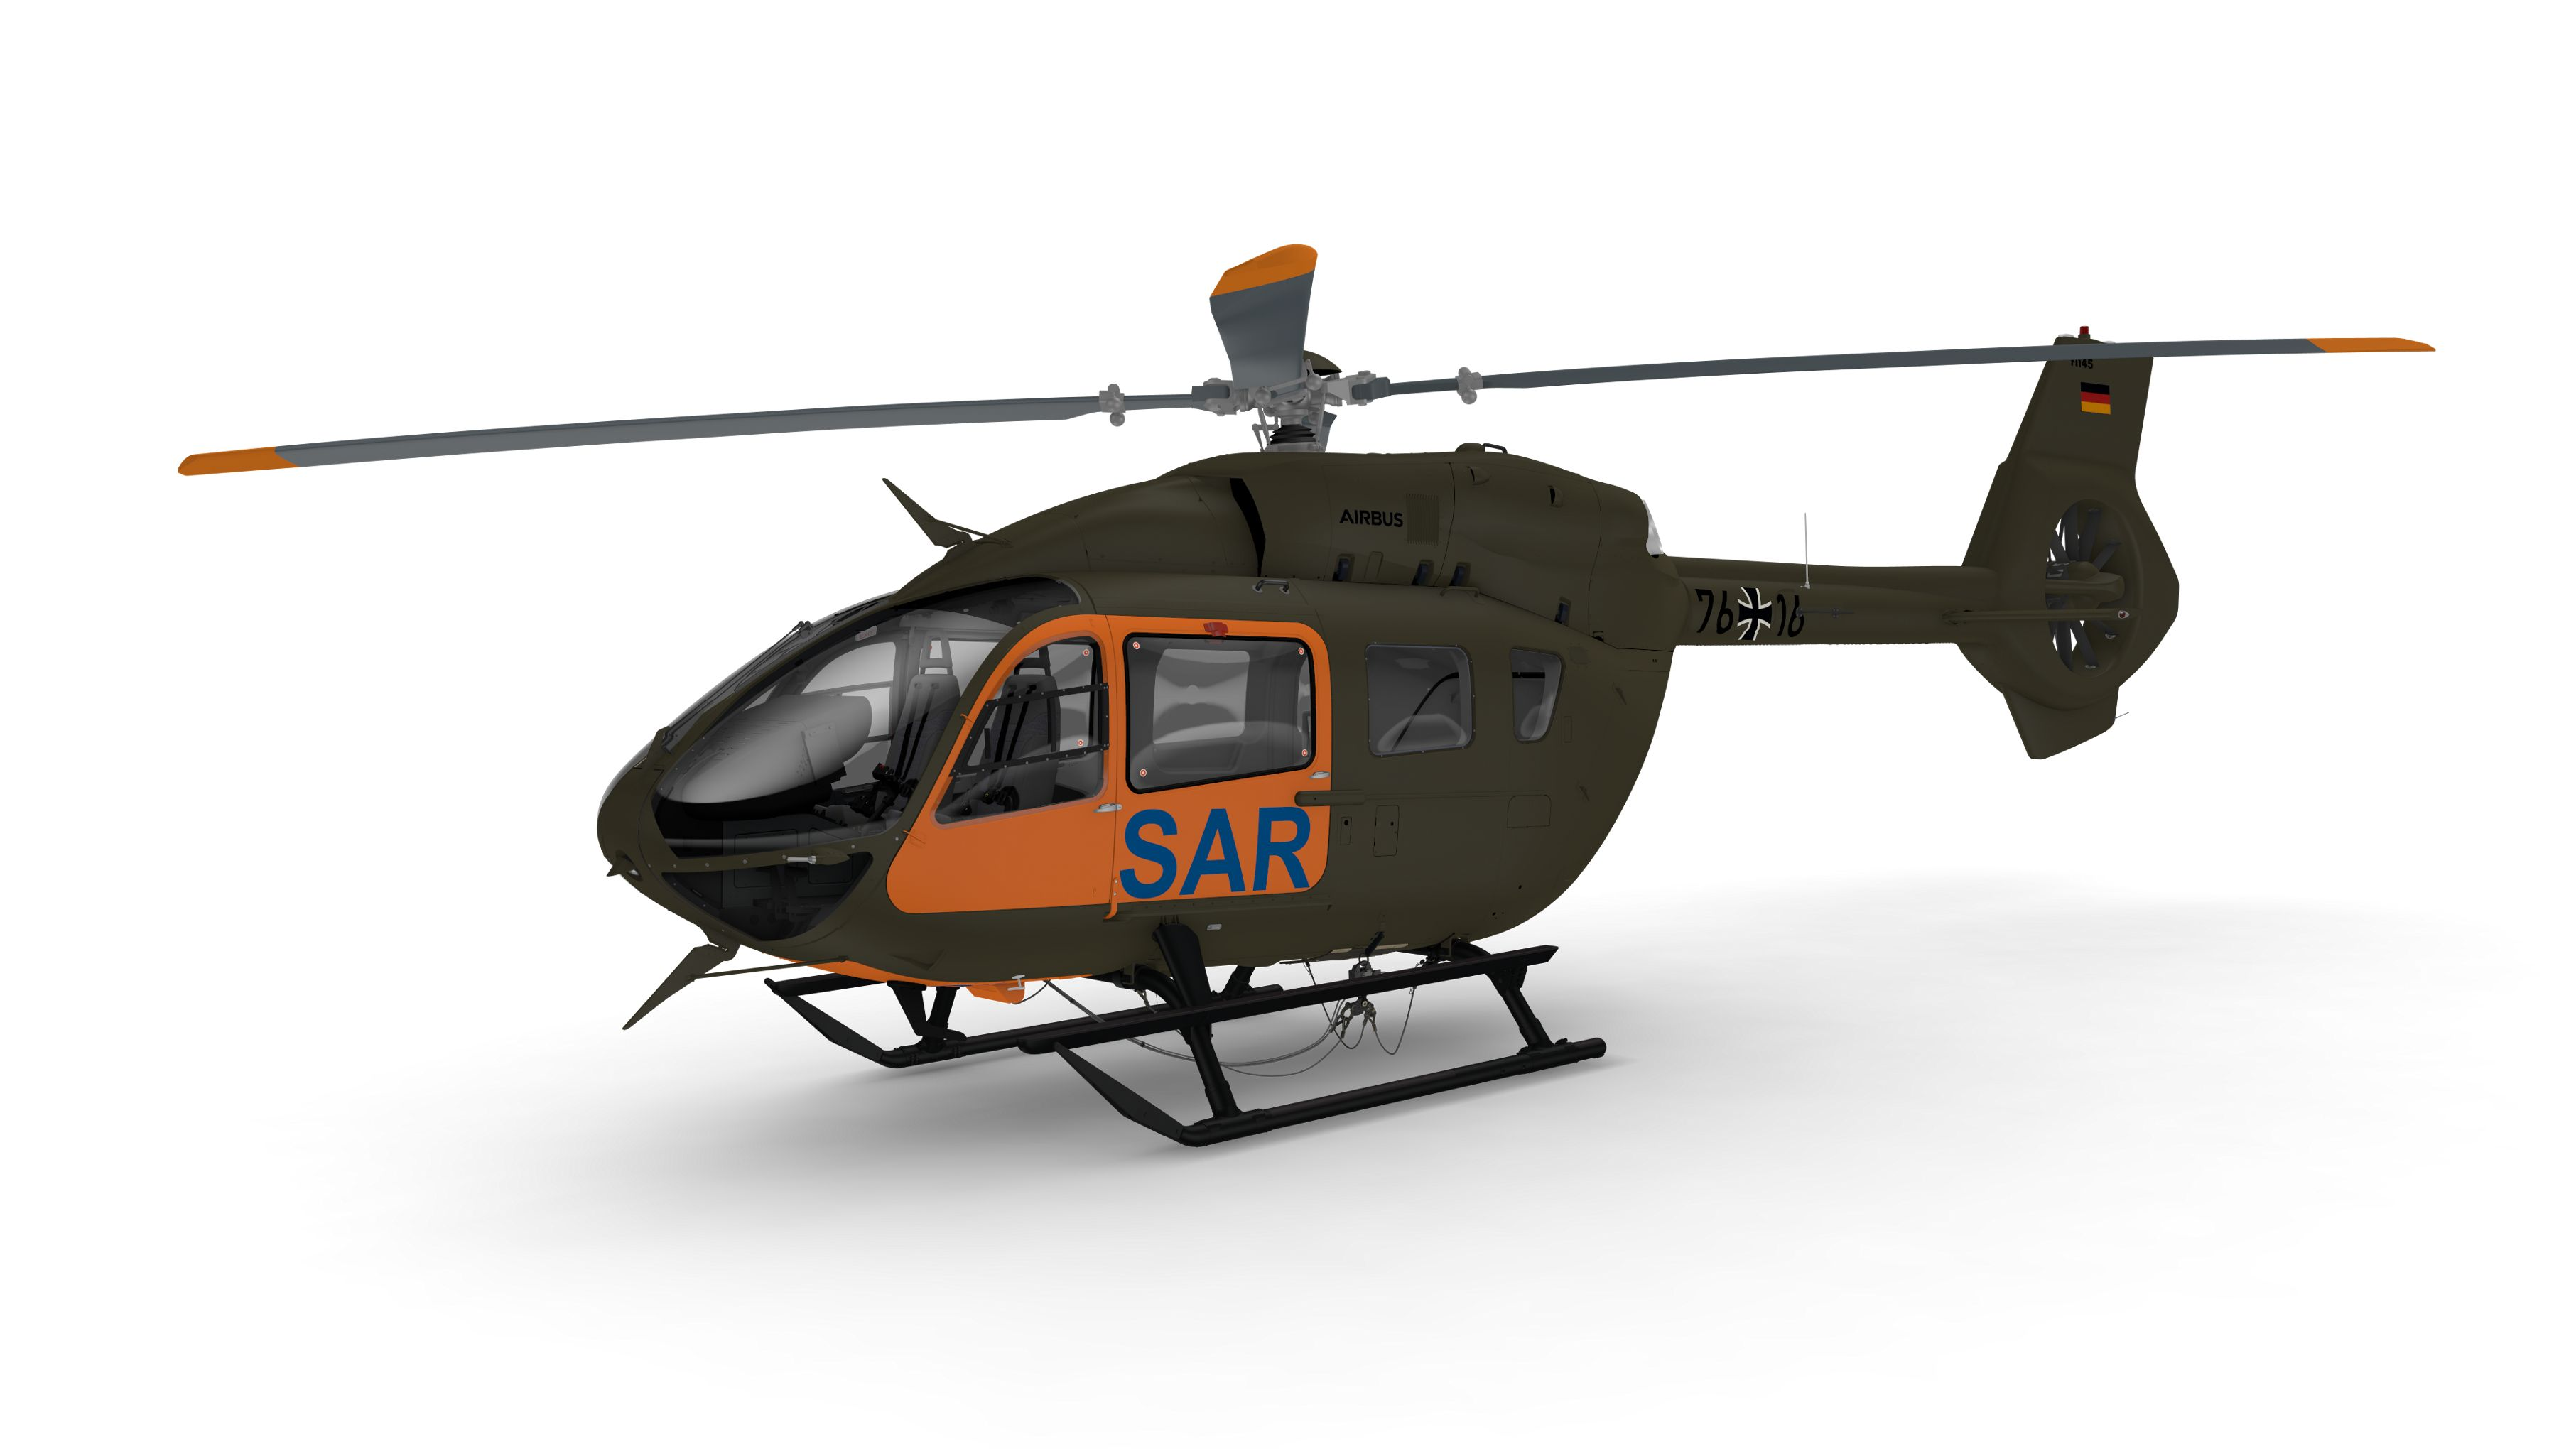 H145 SAR